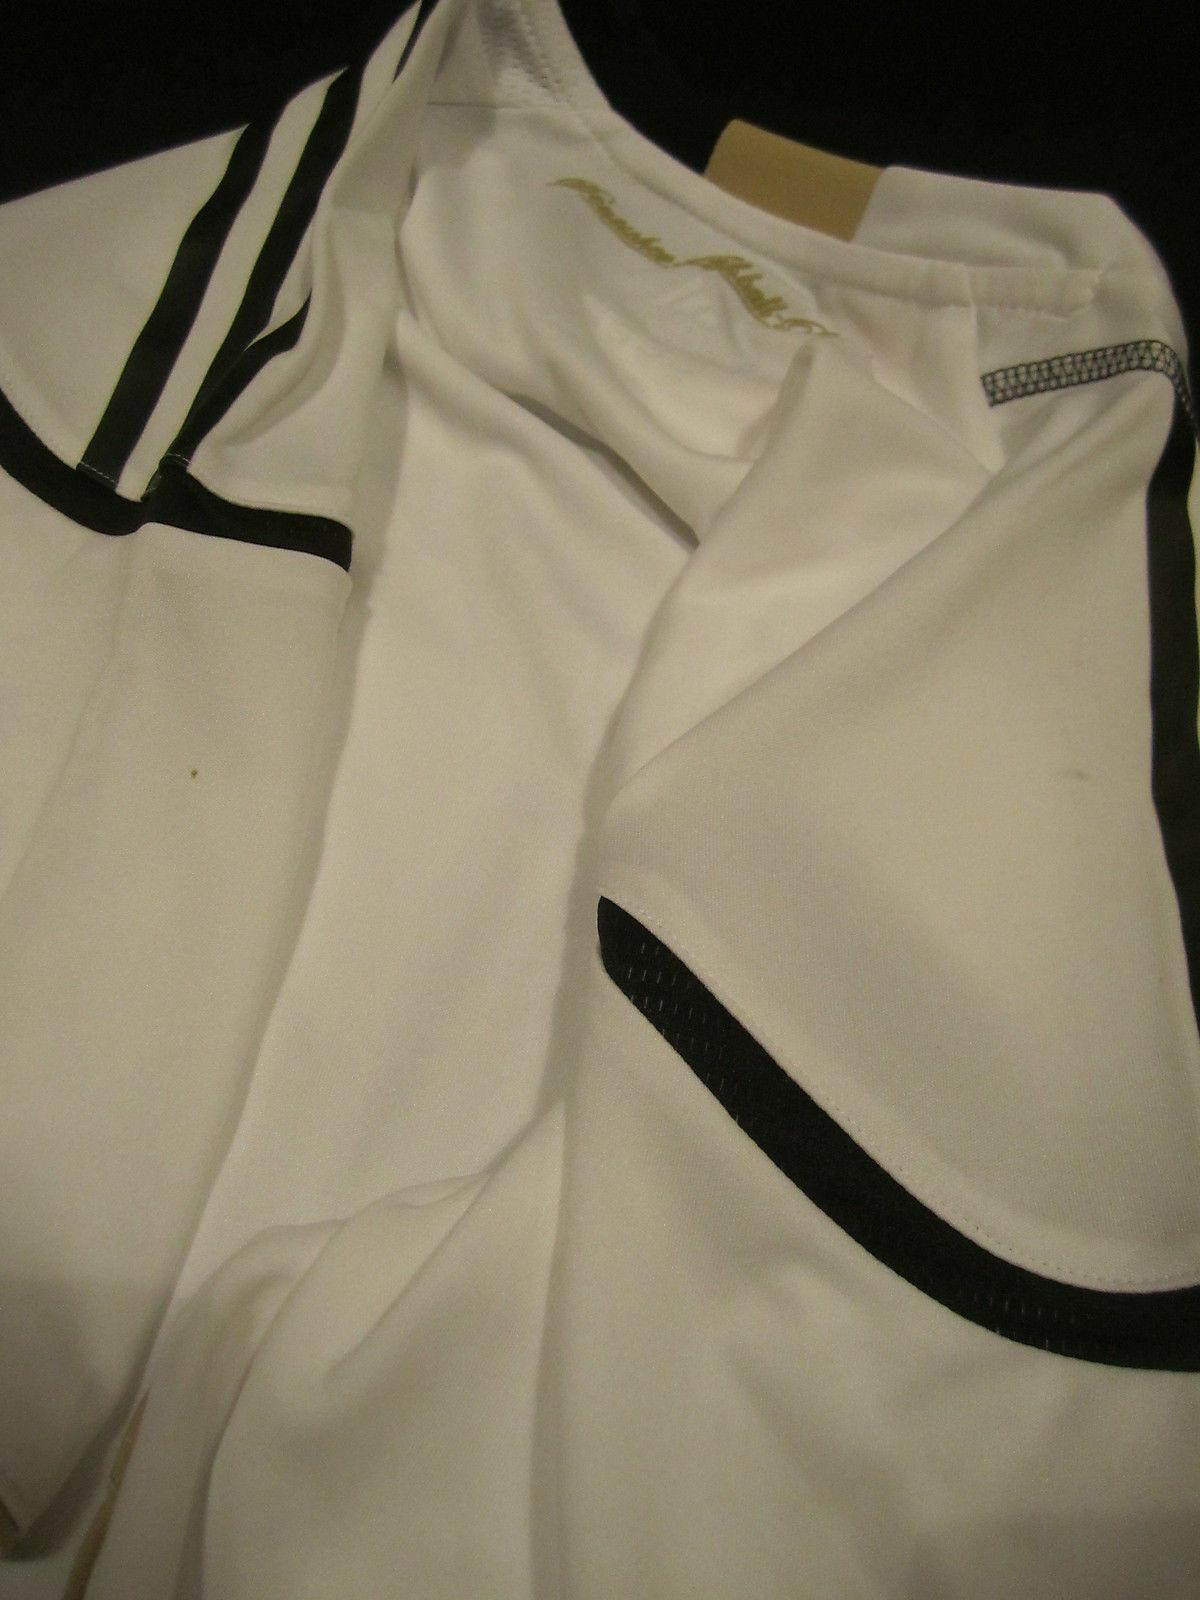 Adidas Deutschland Trikot Training Jersey Maglia Maglia Maglia Camiseta DFB 2010 Formotion 164  | Lass unsere Waren in die Welt gehen  3ec712